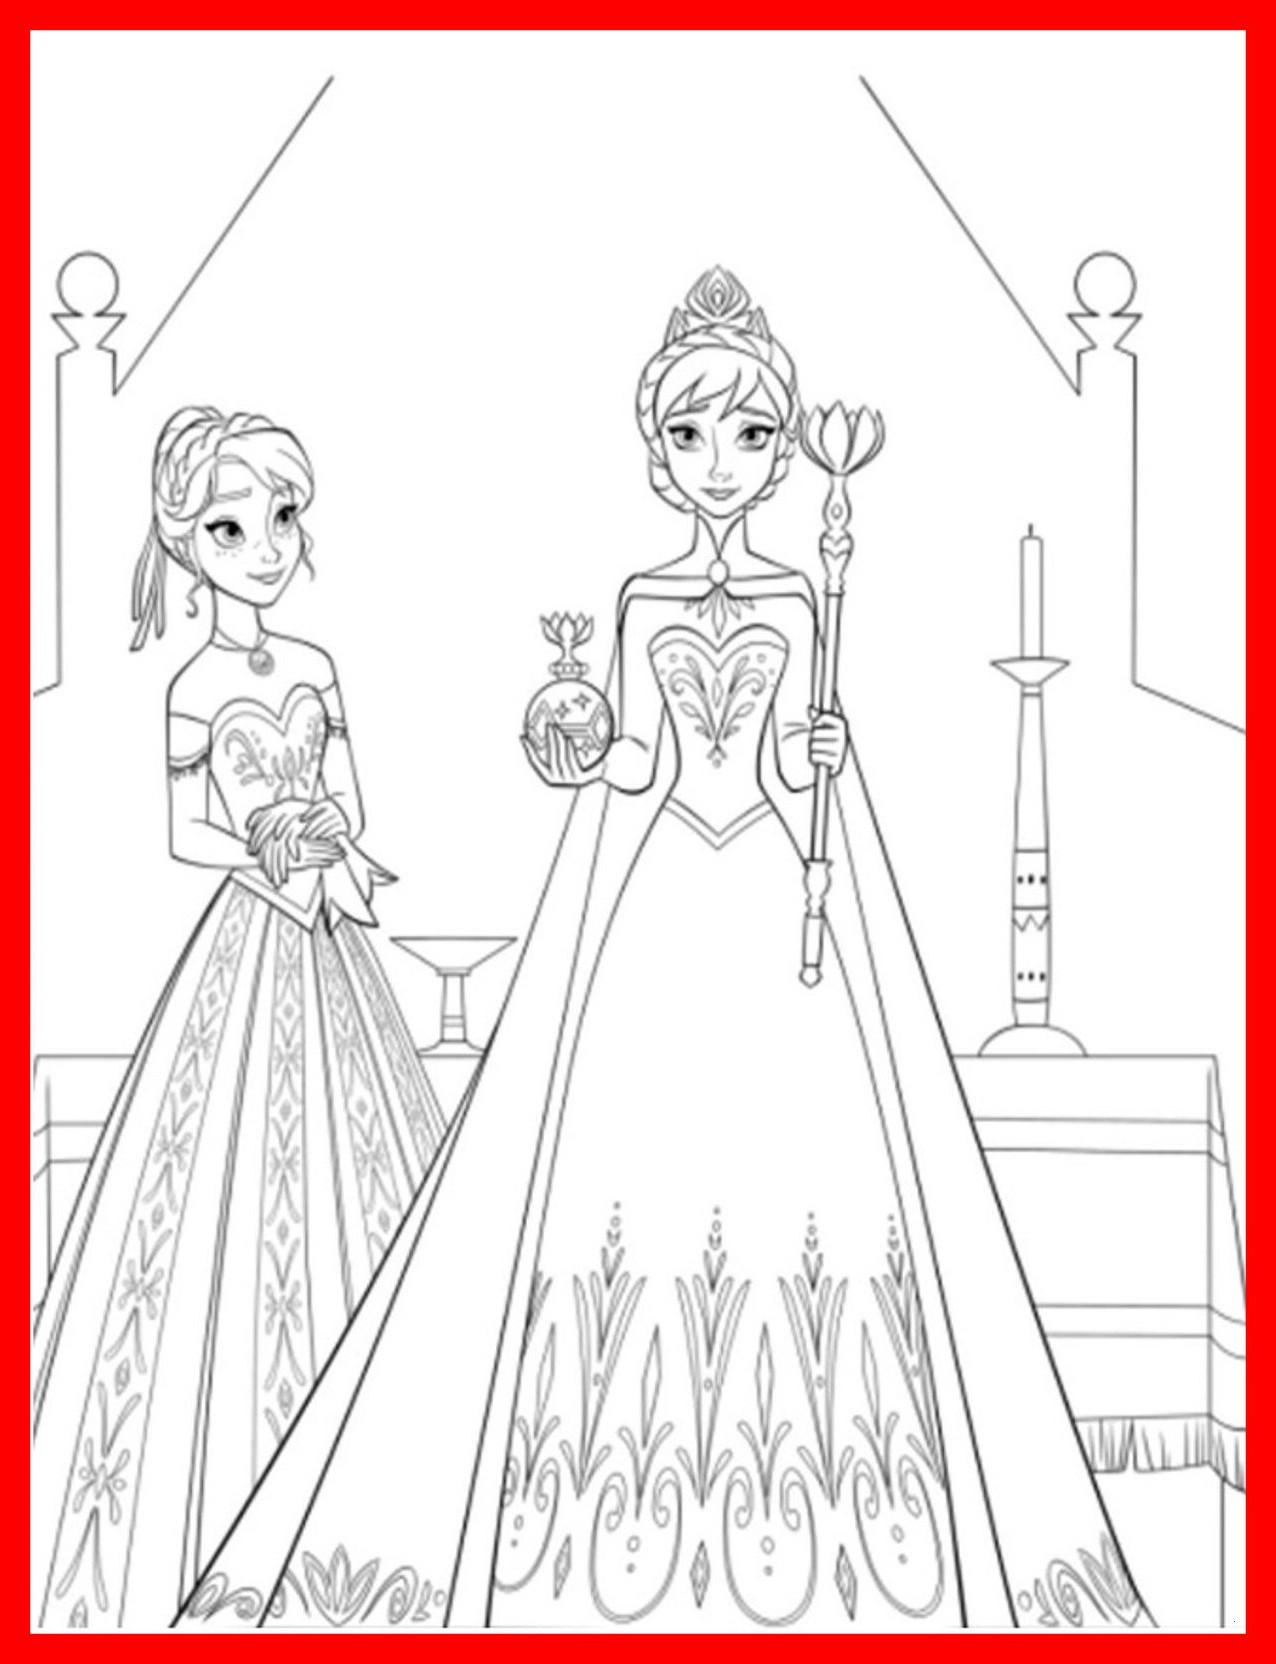 Elsa Und Anna Malvorlage Genial Elsa Und Anna Malvorlagen